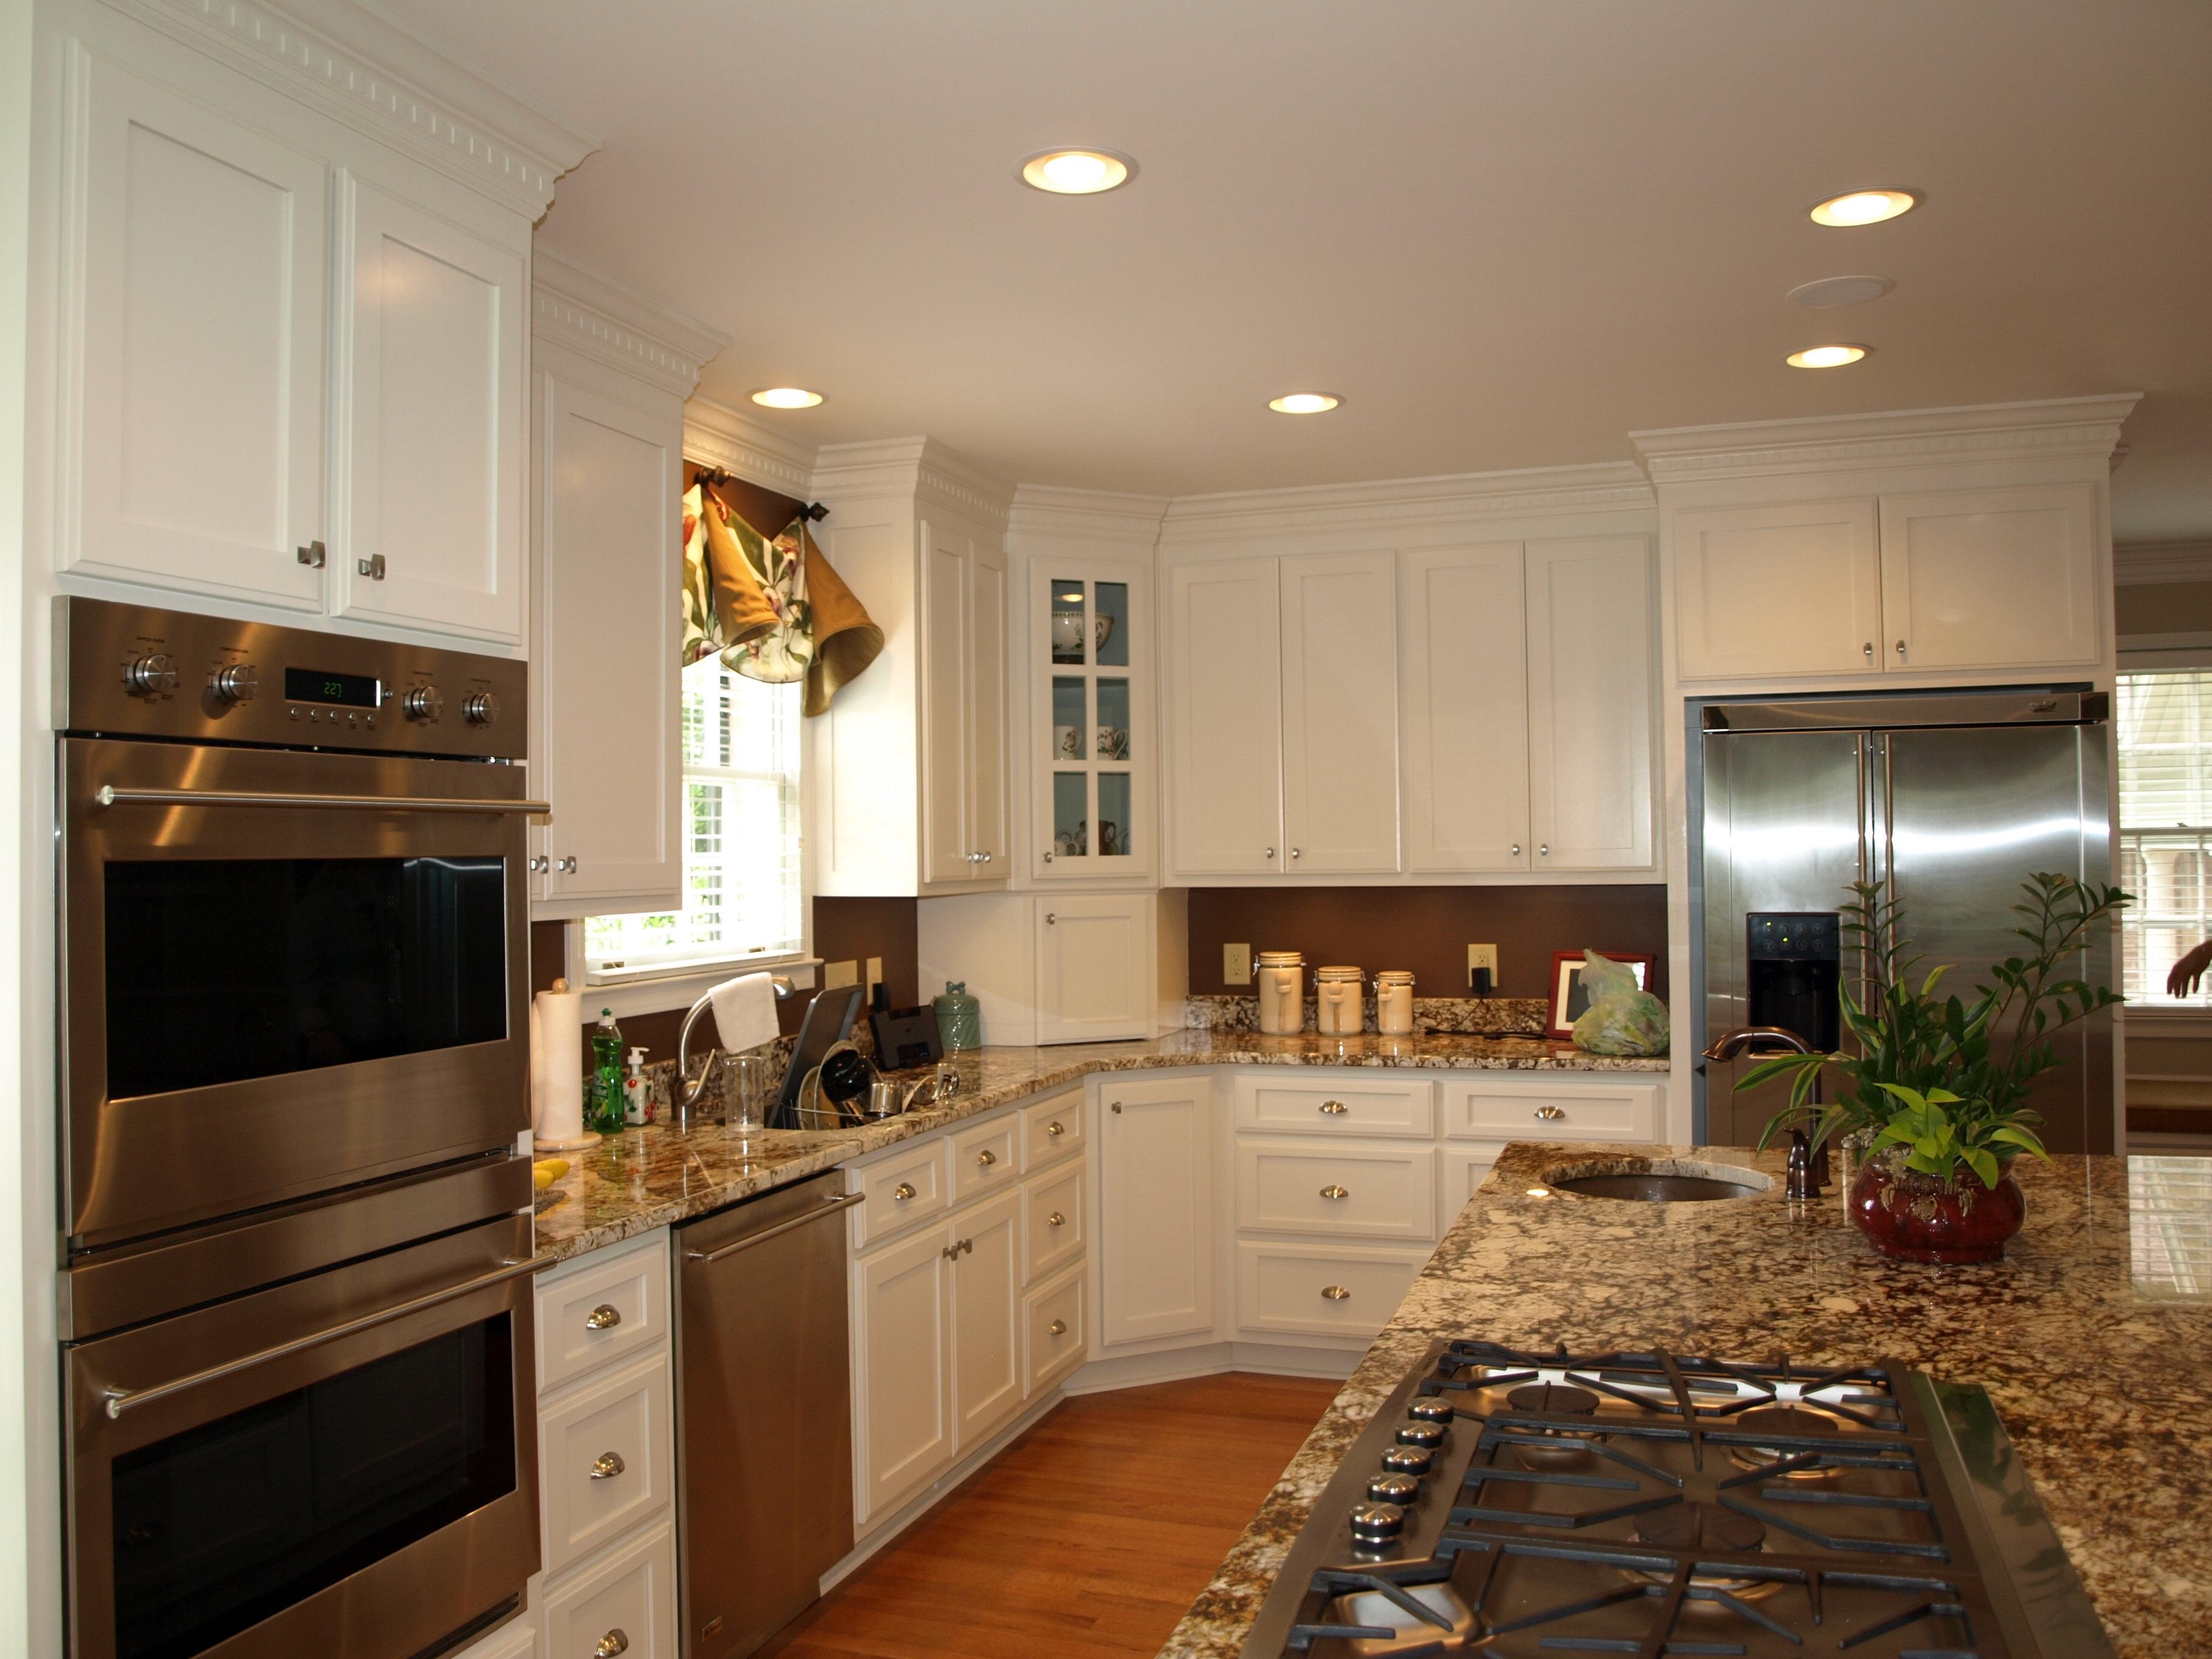 Greenville Kitchen Remodeling After